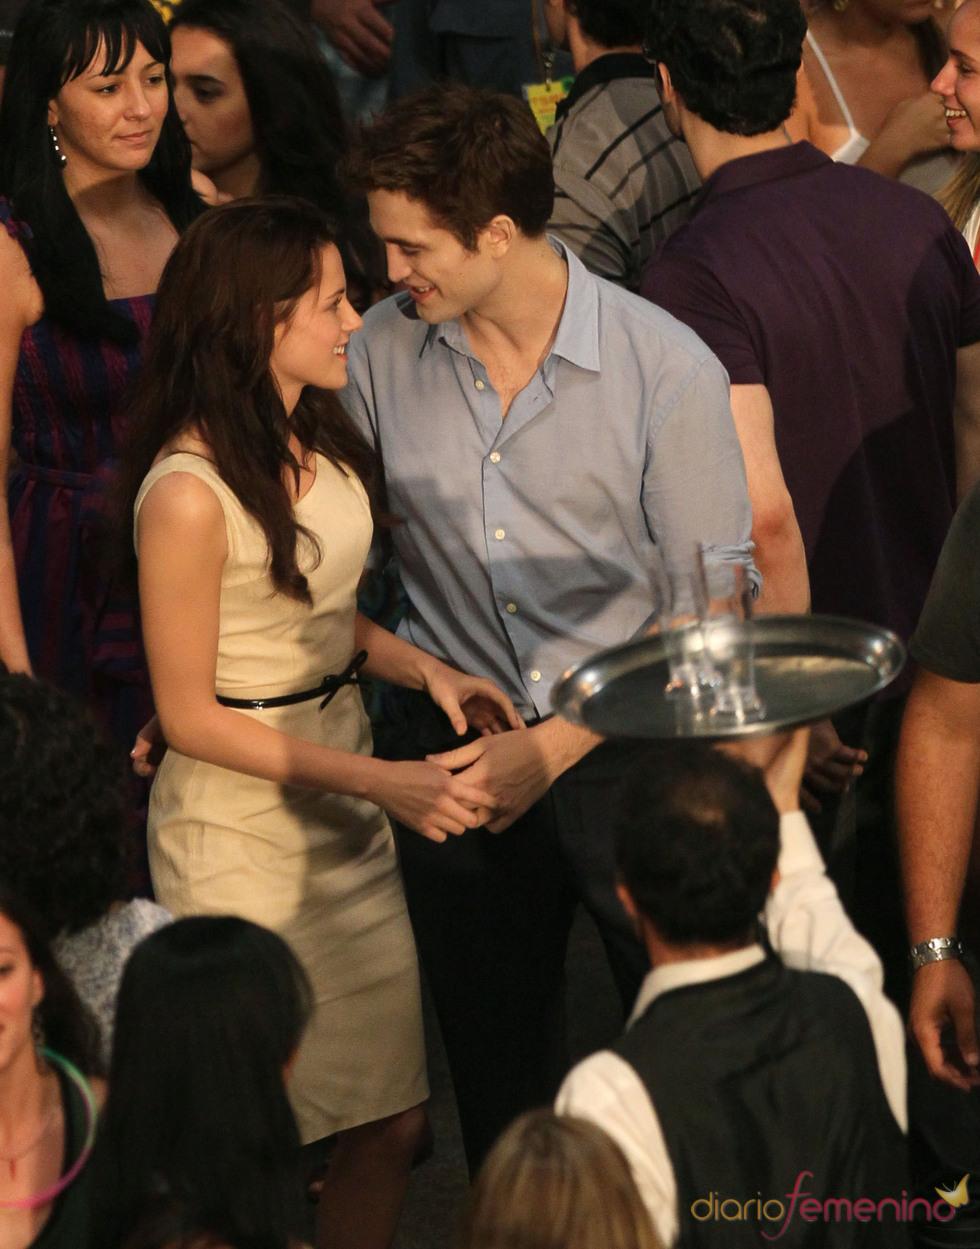 Miradas cómplices de Robert Pattinson y Kristen Stewart